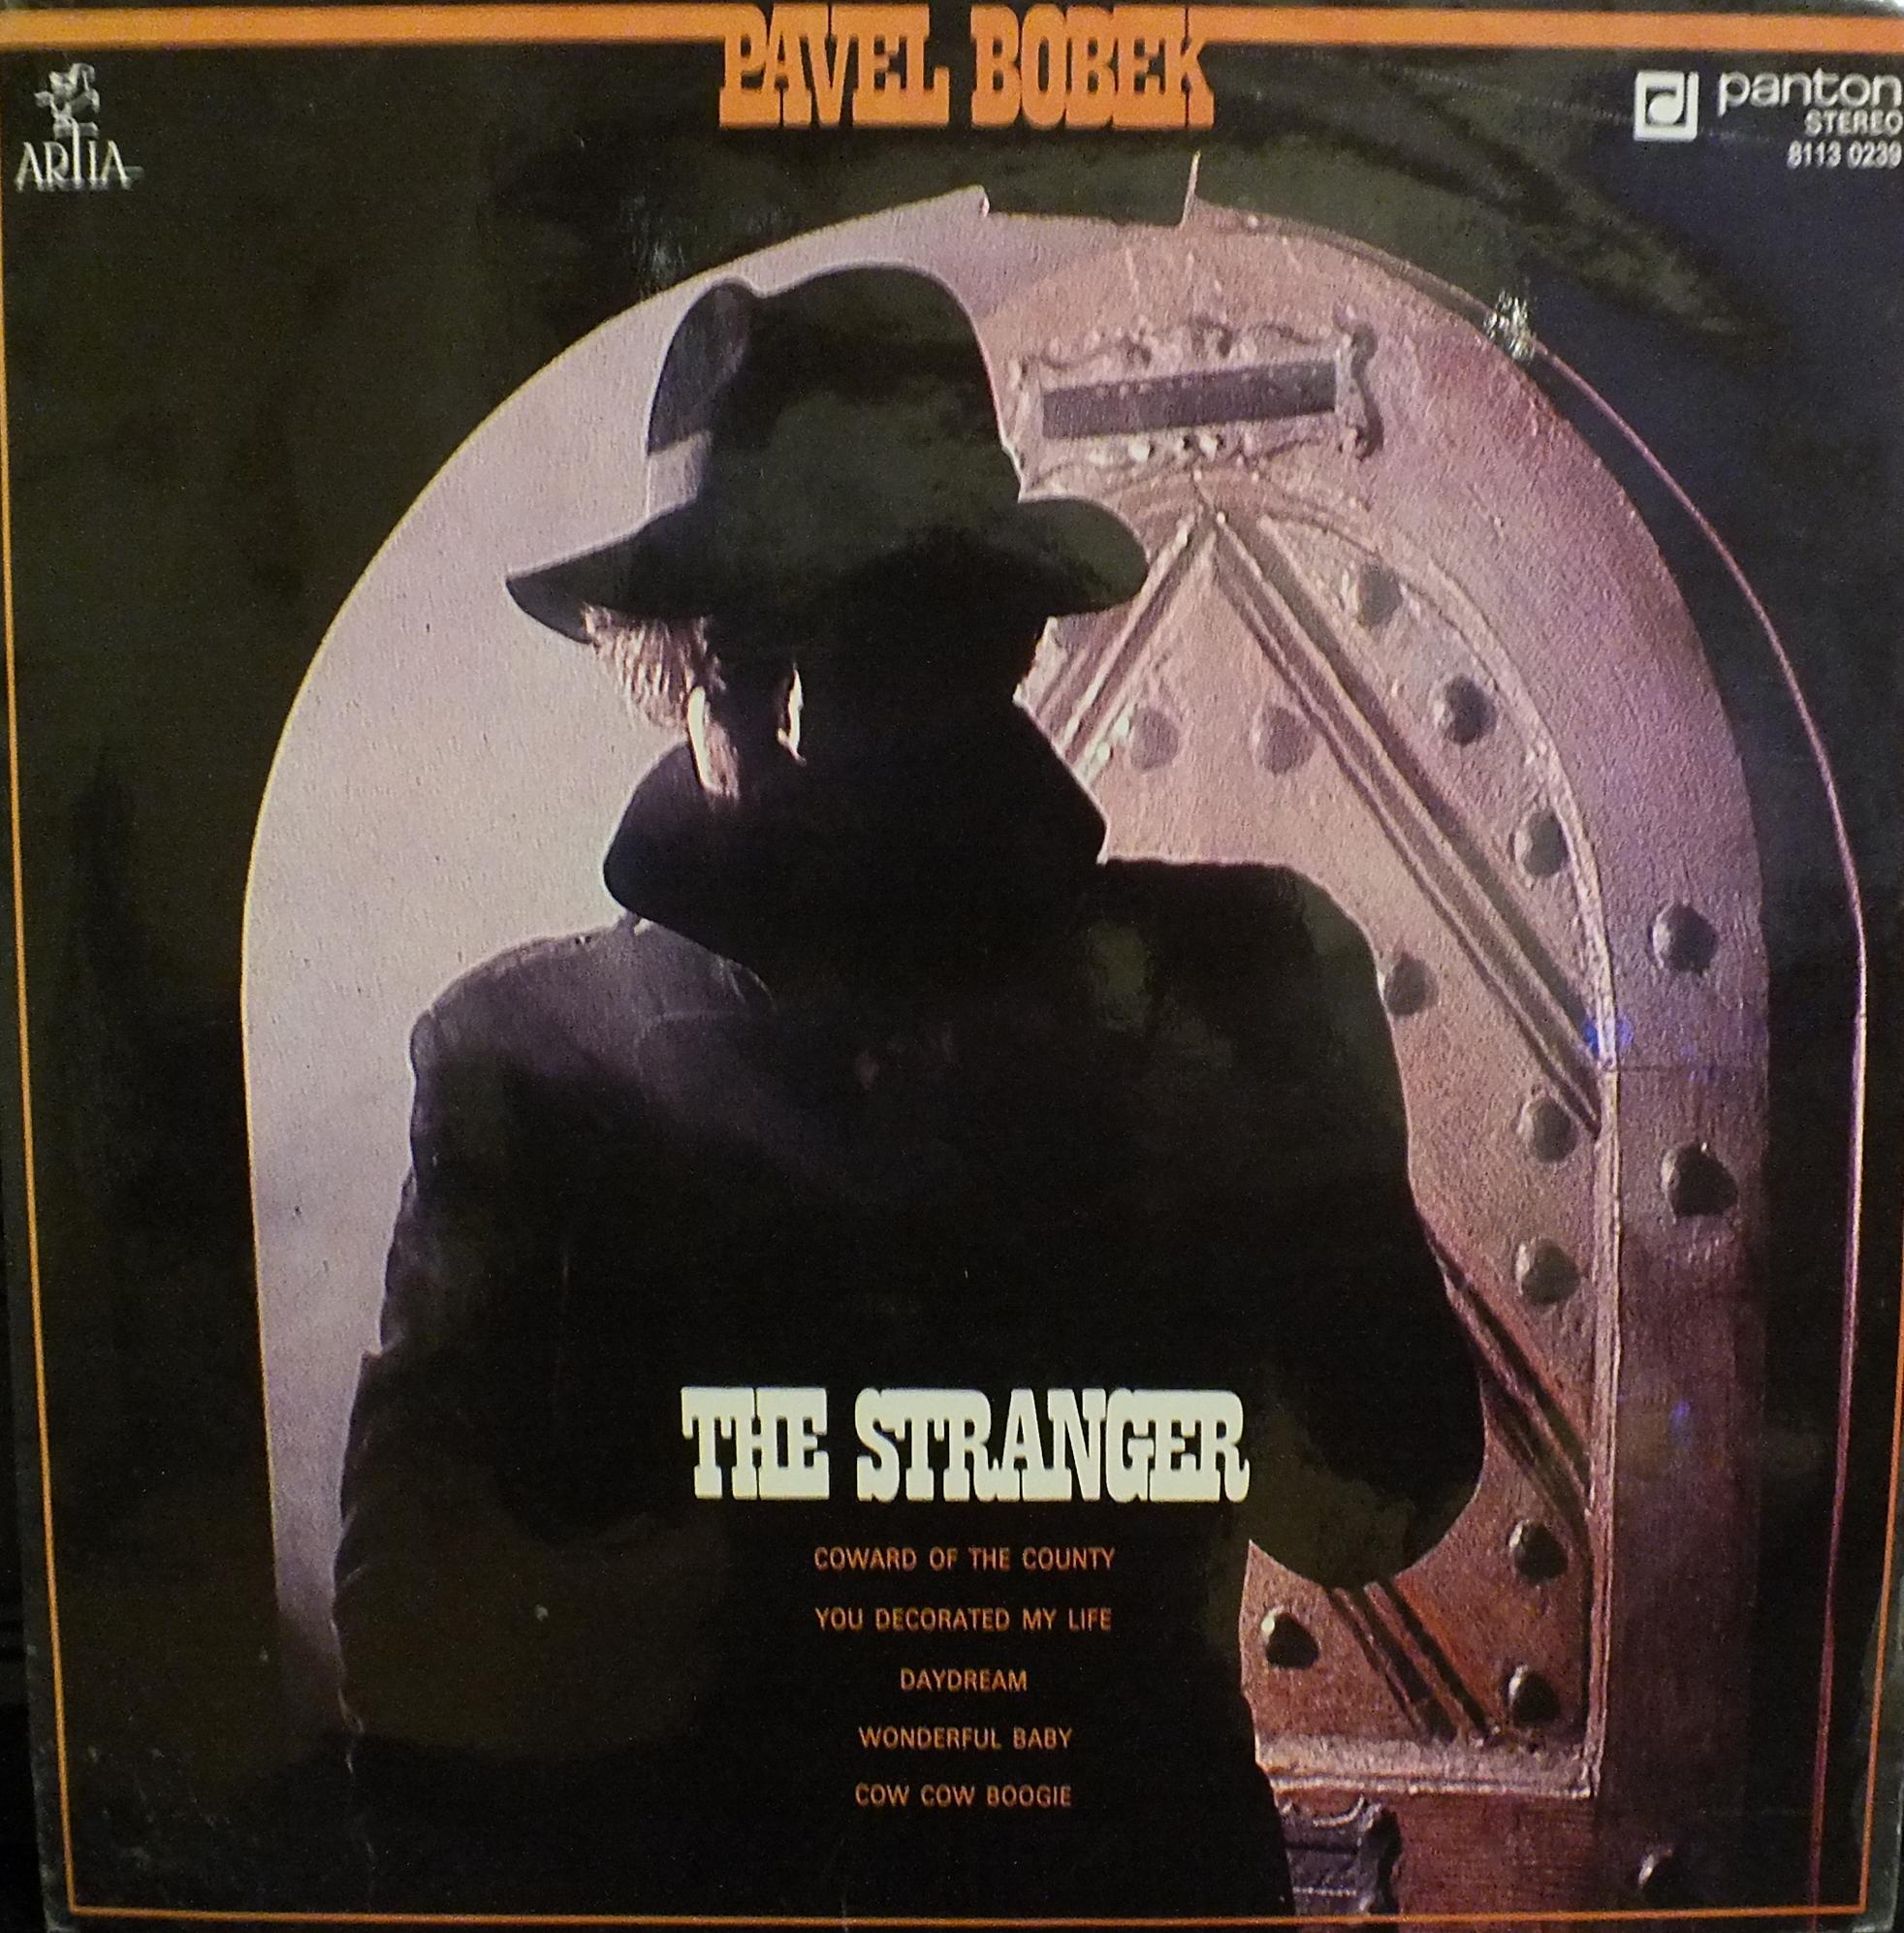 The Stranger - Pavel Bobek (gramodeska)